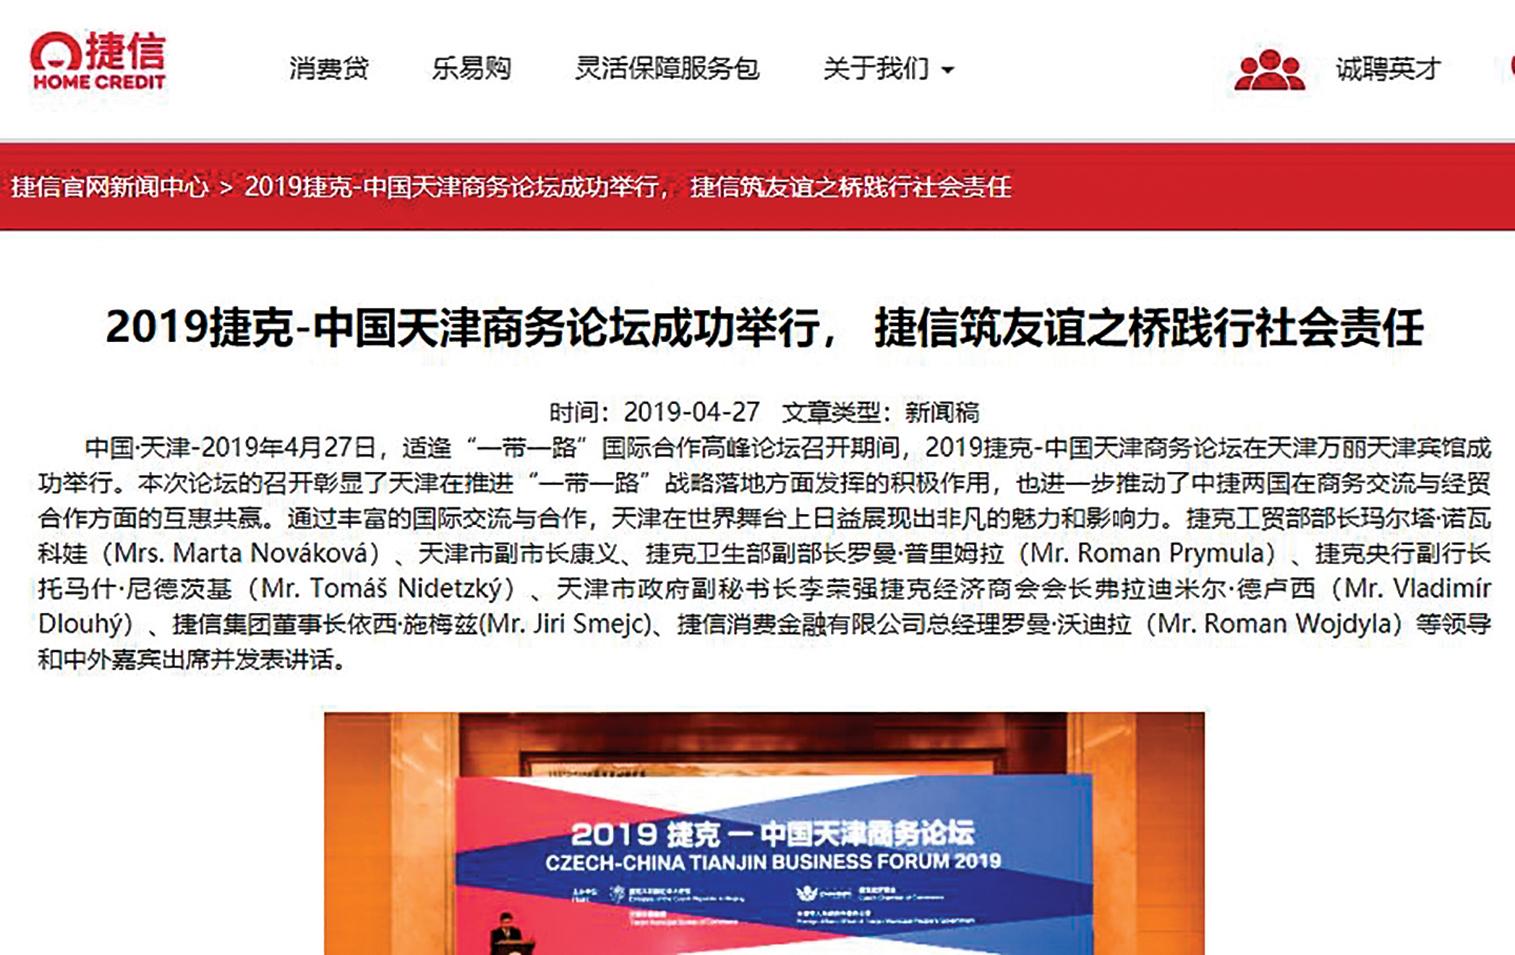 2017—2019年間,捷信年年都參與推進中共「一帶一路」的論壇。圖為捷信中國公司官網截圖。(大紀元)